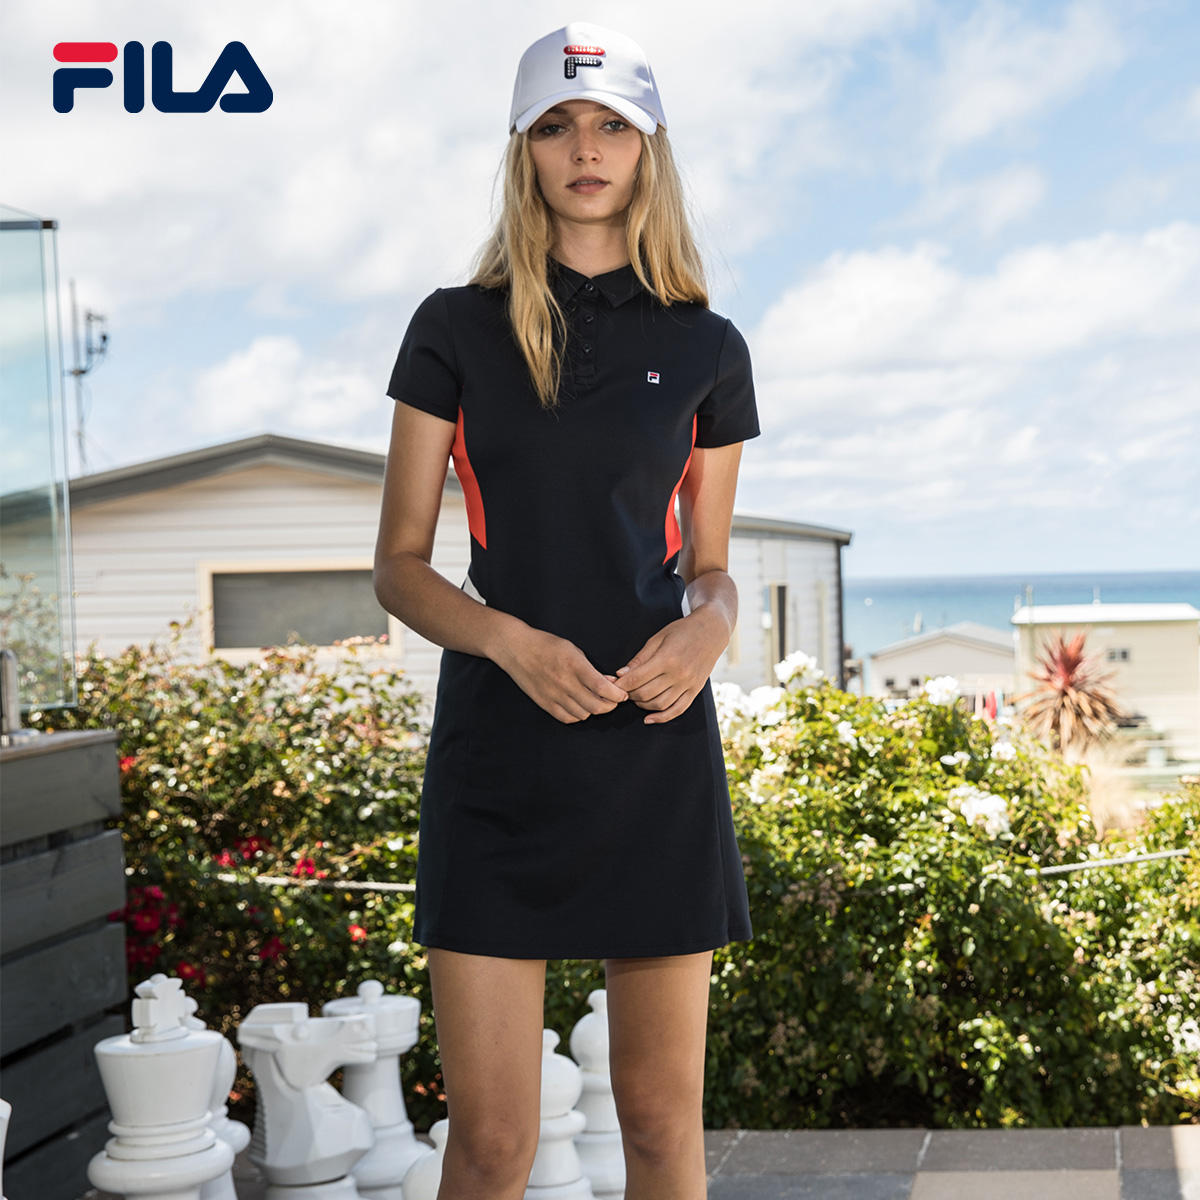 Женское спортивное платье FILA Fila 2018 Summer новая коллекция популярный для отдыха Спортивная женская одежда